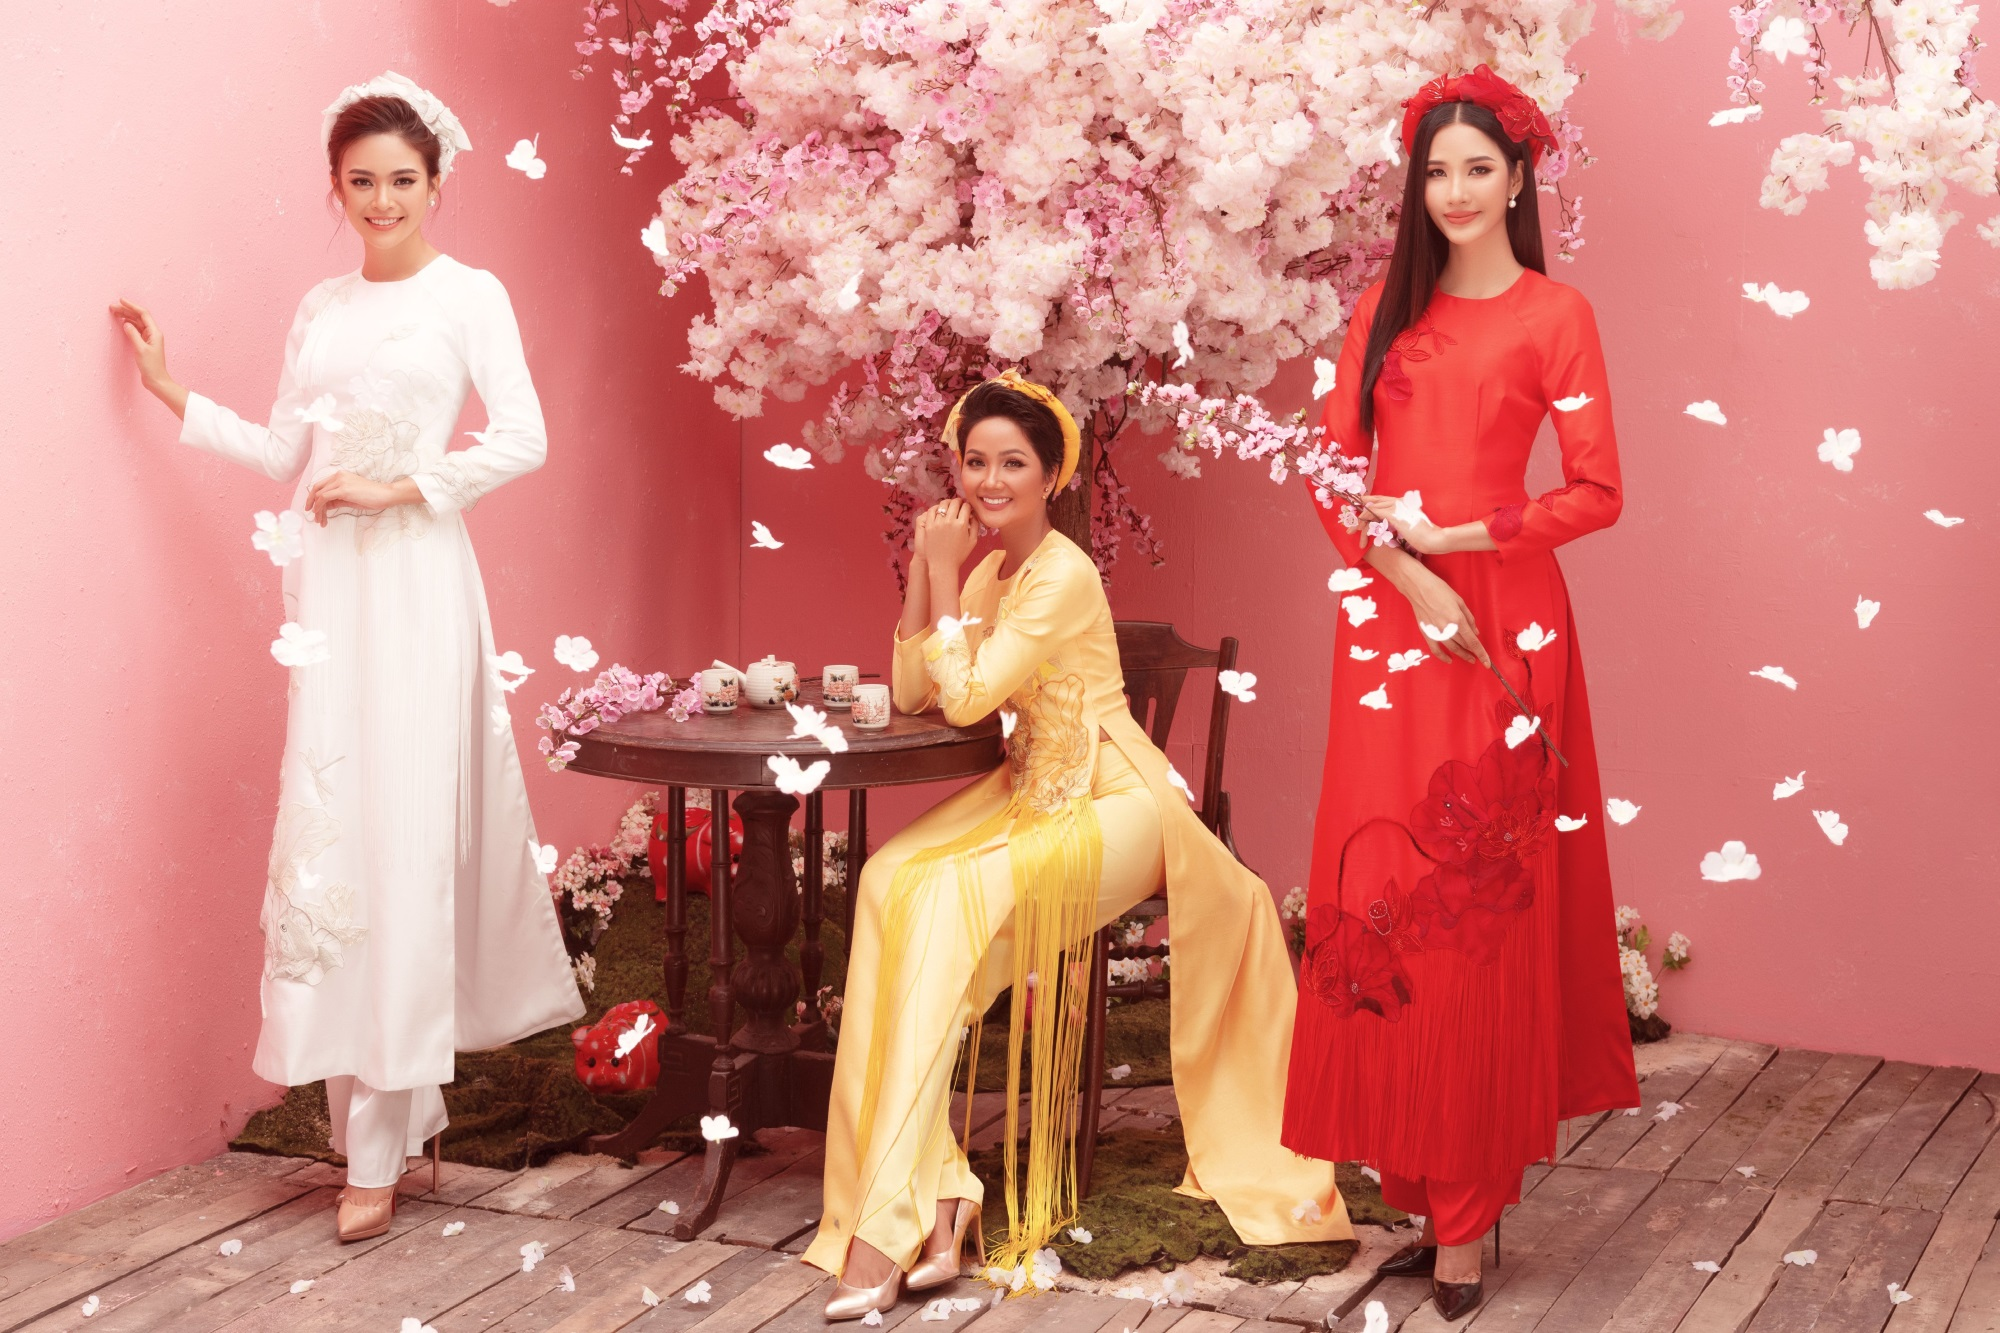 Ba nàng Hậu Việt Nam - H'Hen Niê, Á hậu Mâu Thủy, Hoàng Thùy 'đọ sắc' trong bộ ảnh đón Xuân Kỷ Hợi - Ảnh 2